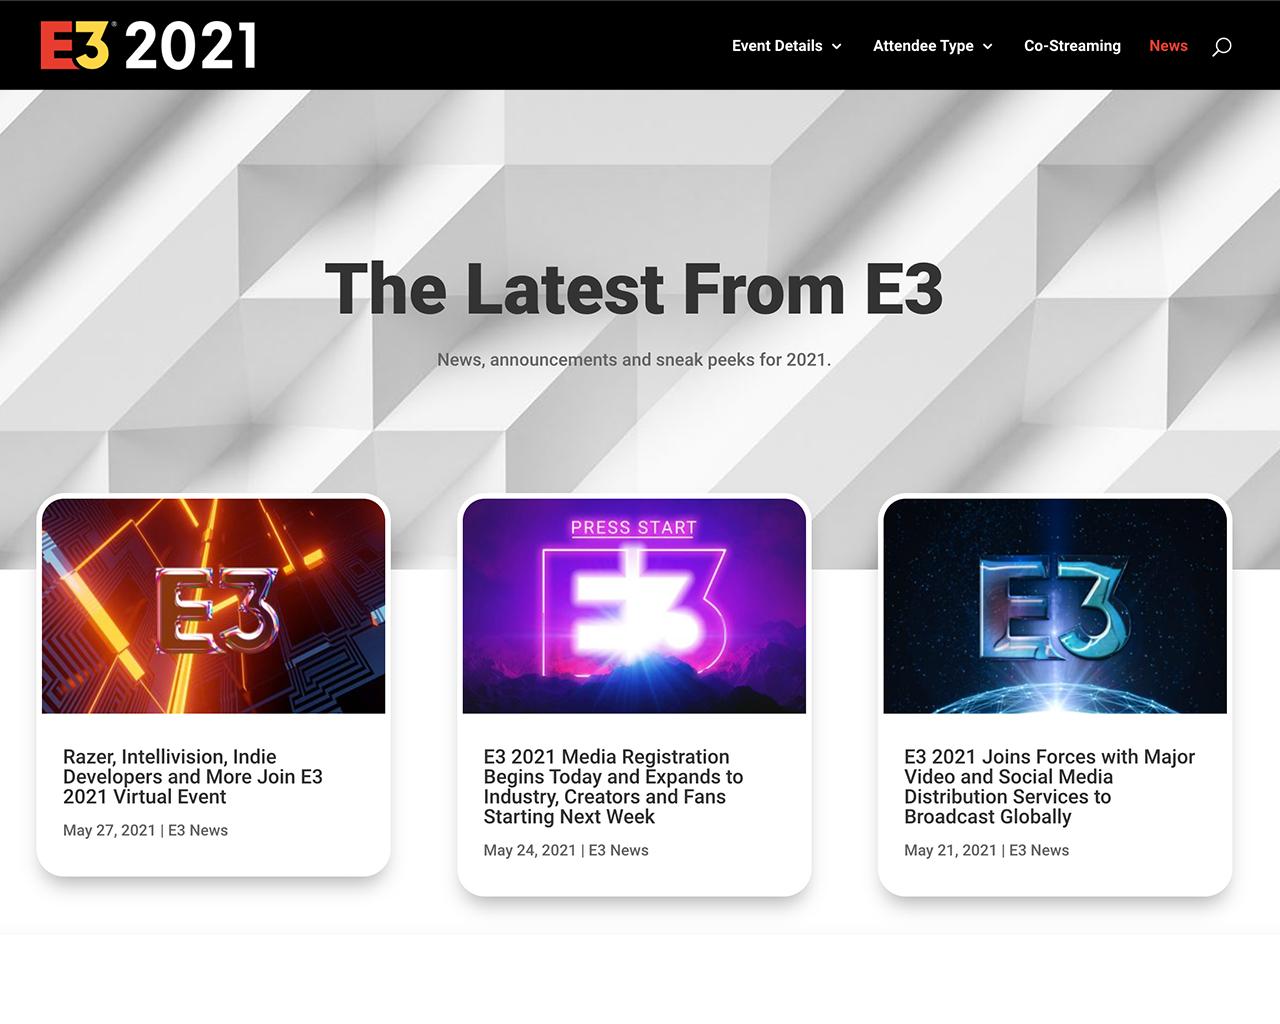 E3 2021 website news page